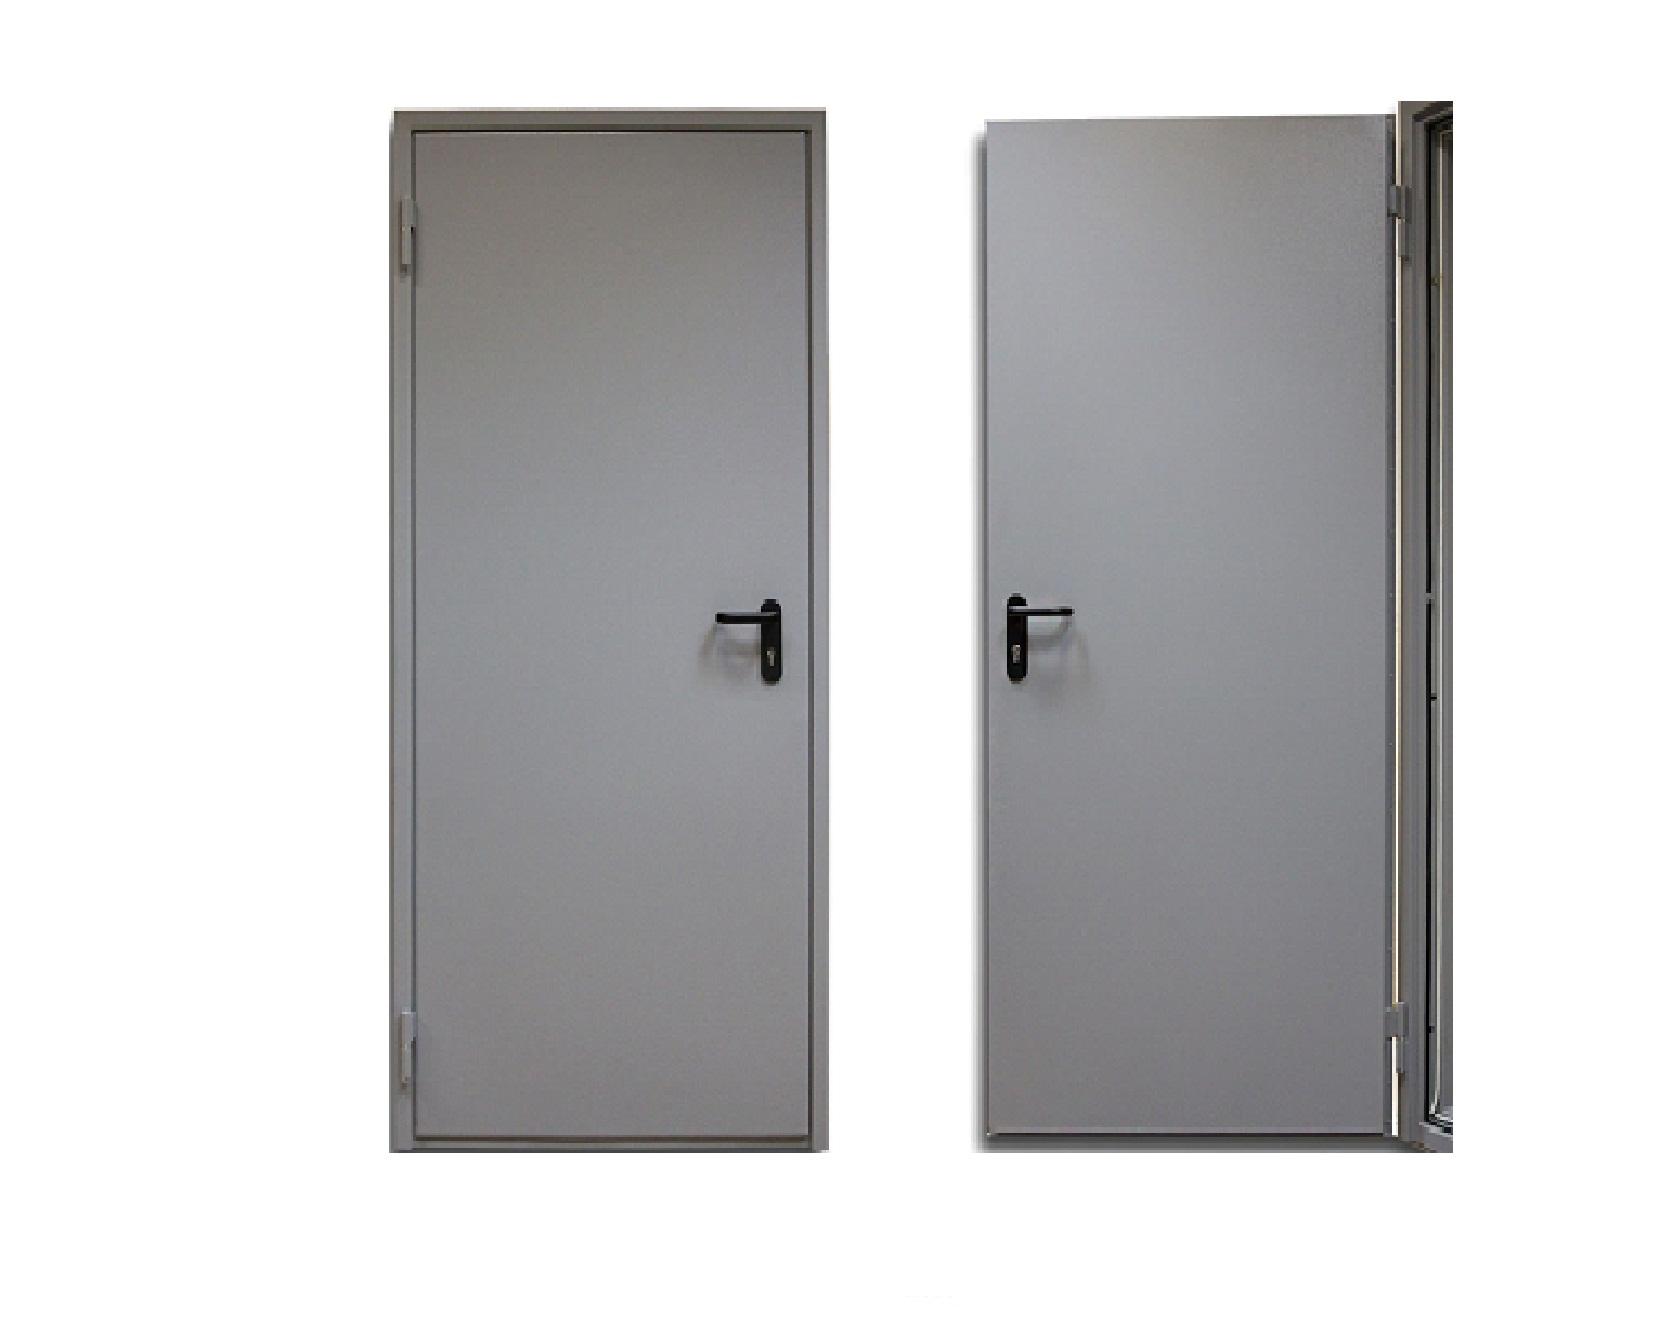 Дверь противопожарная 2070х880мм